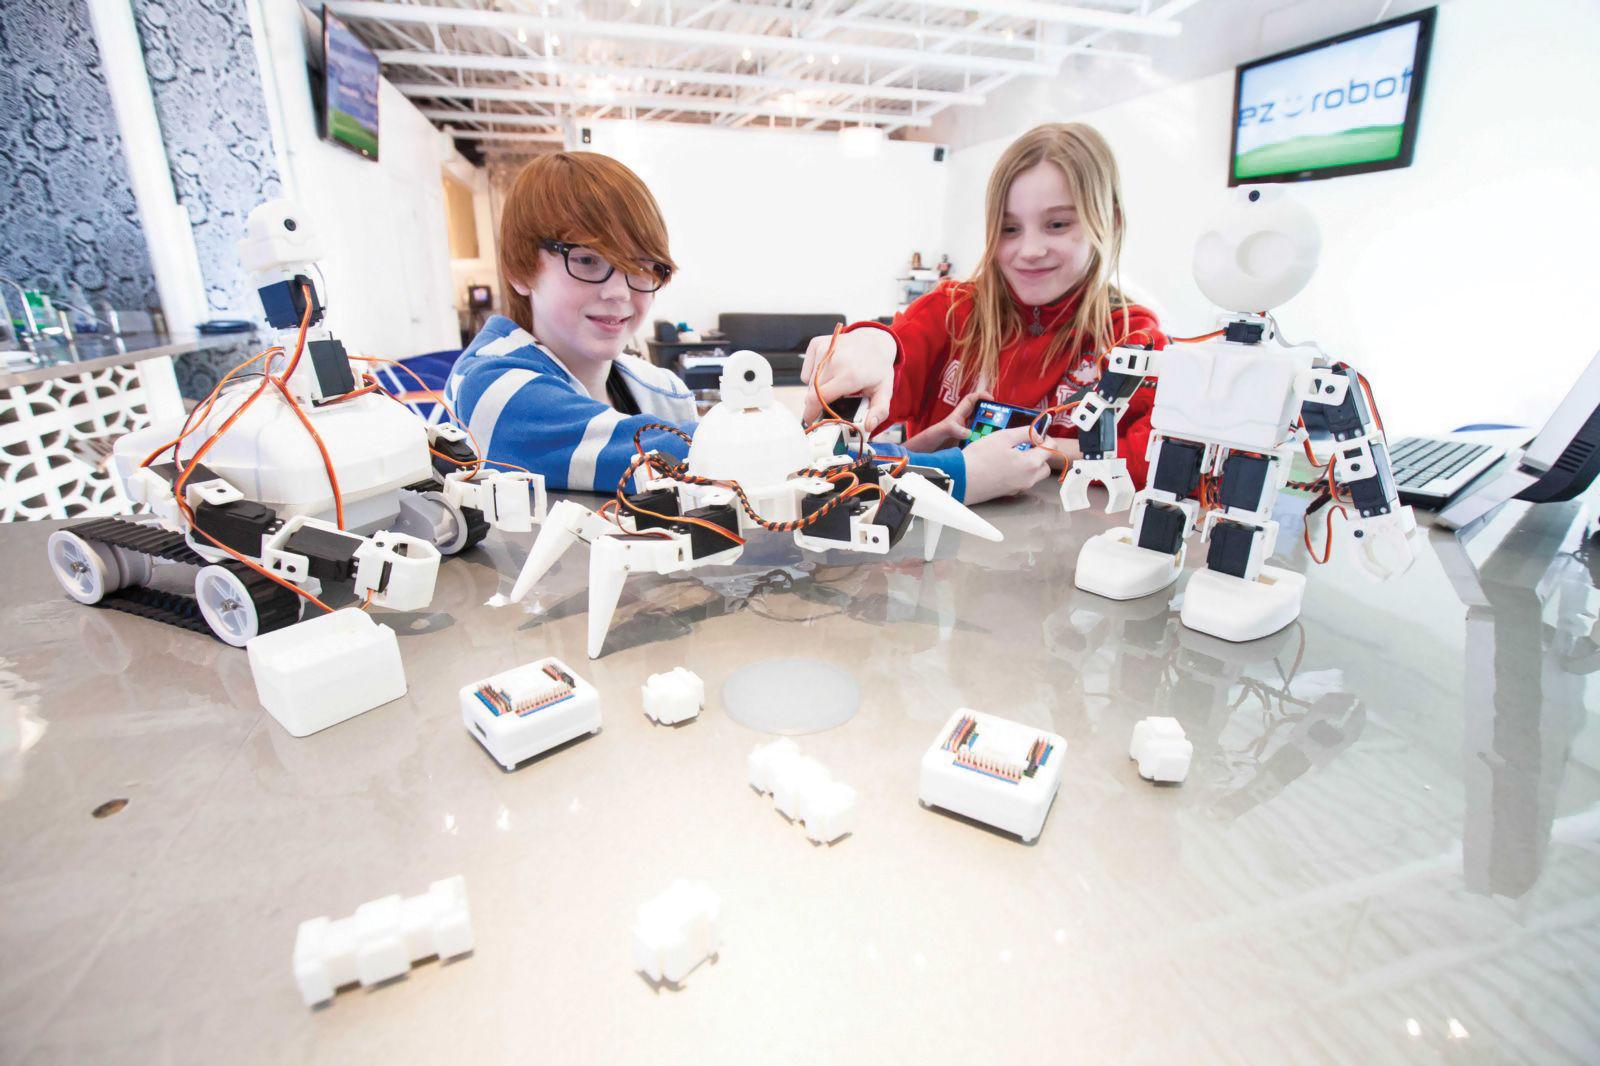 Новый детский технопарк появится наСтаврополье 1сентября